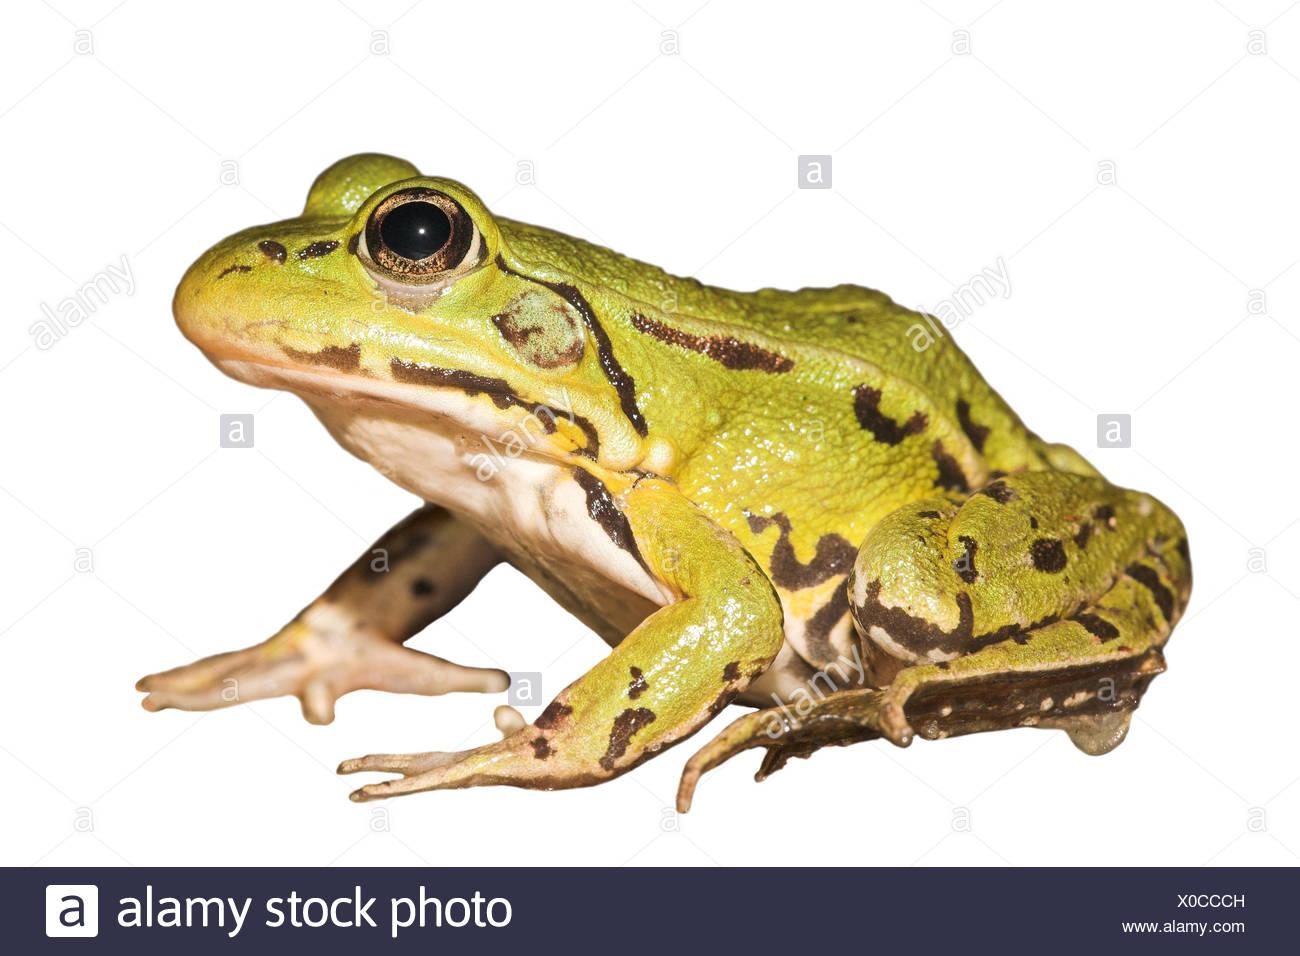 Piscina frog contra un fondo blanco (prestados) Imagen De Stock